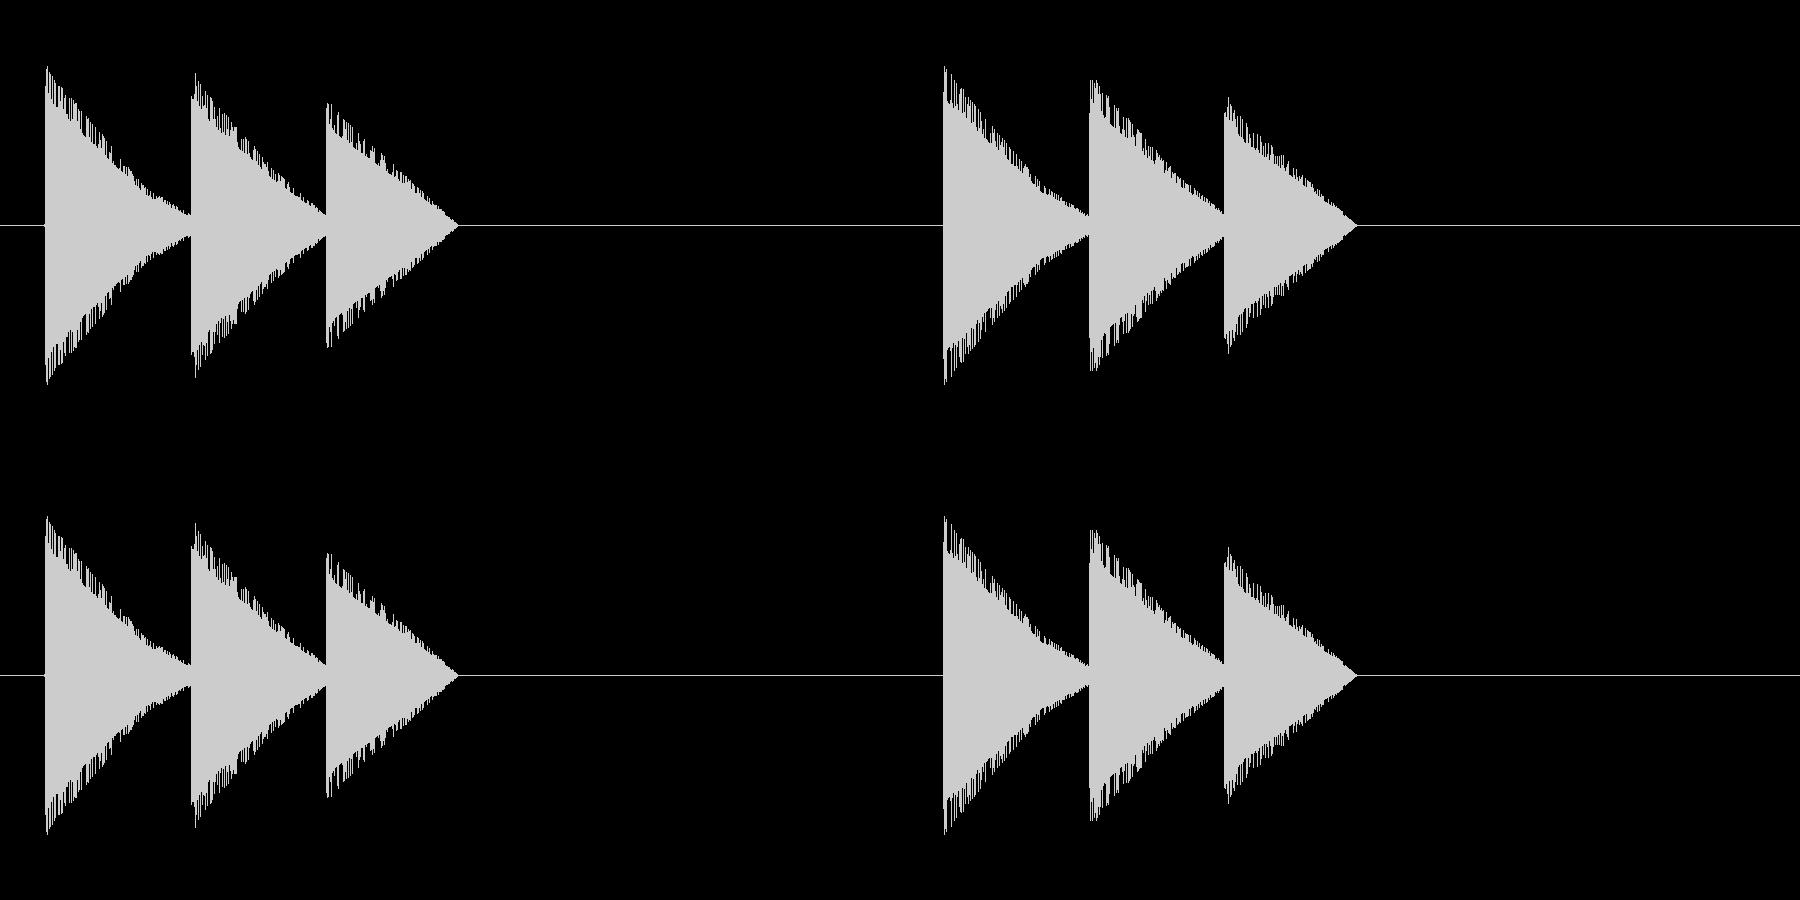 レトロゲーム風・馬の蹄・ループ再生の未再生の波形